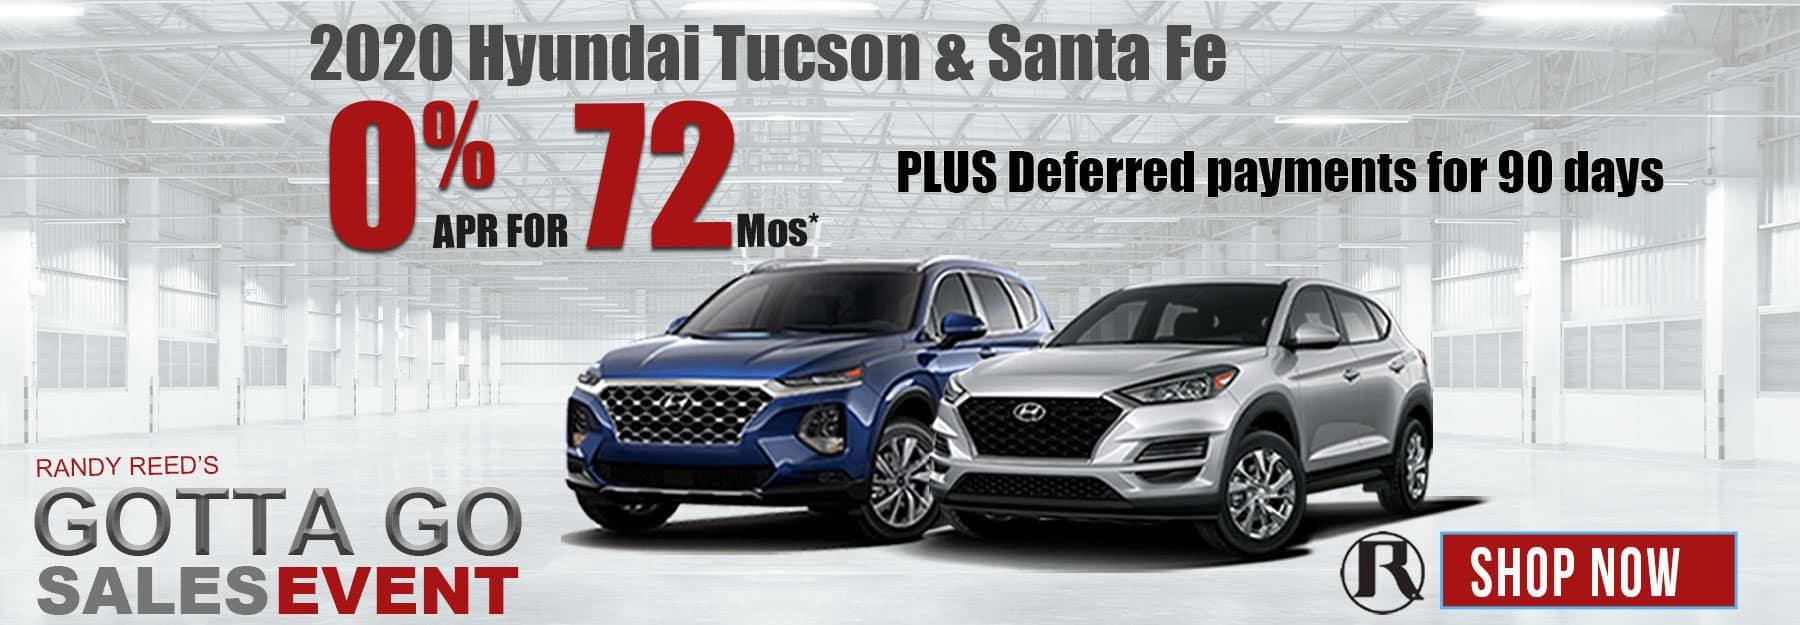 2020 Hyundai Tucson, 2020 Hyundai Santa Fe